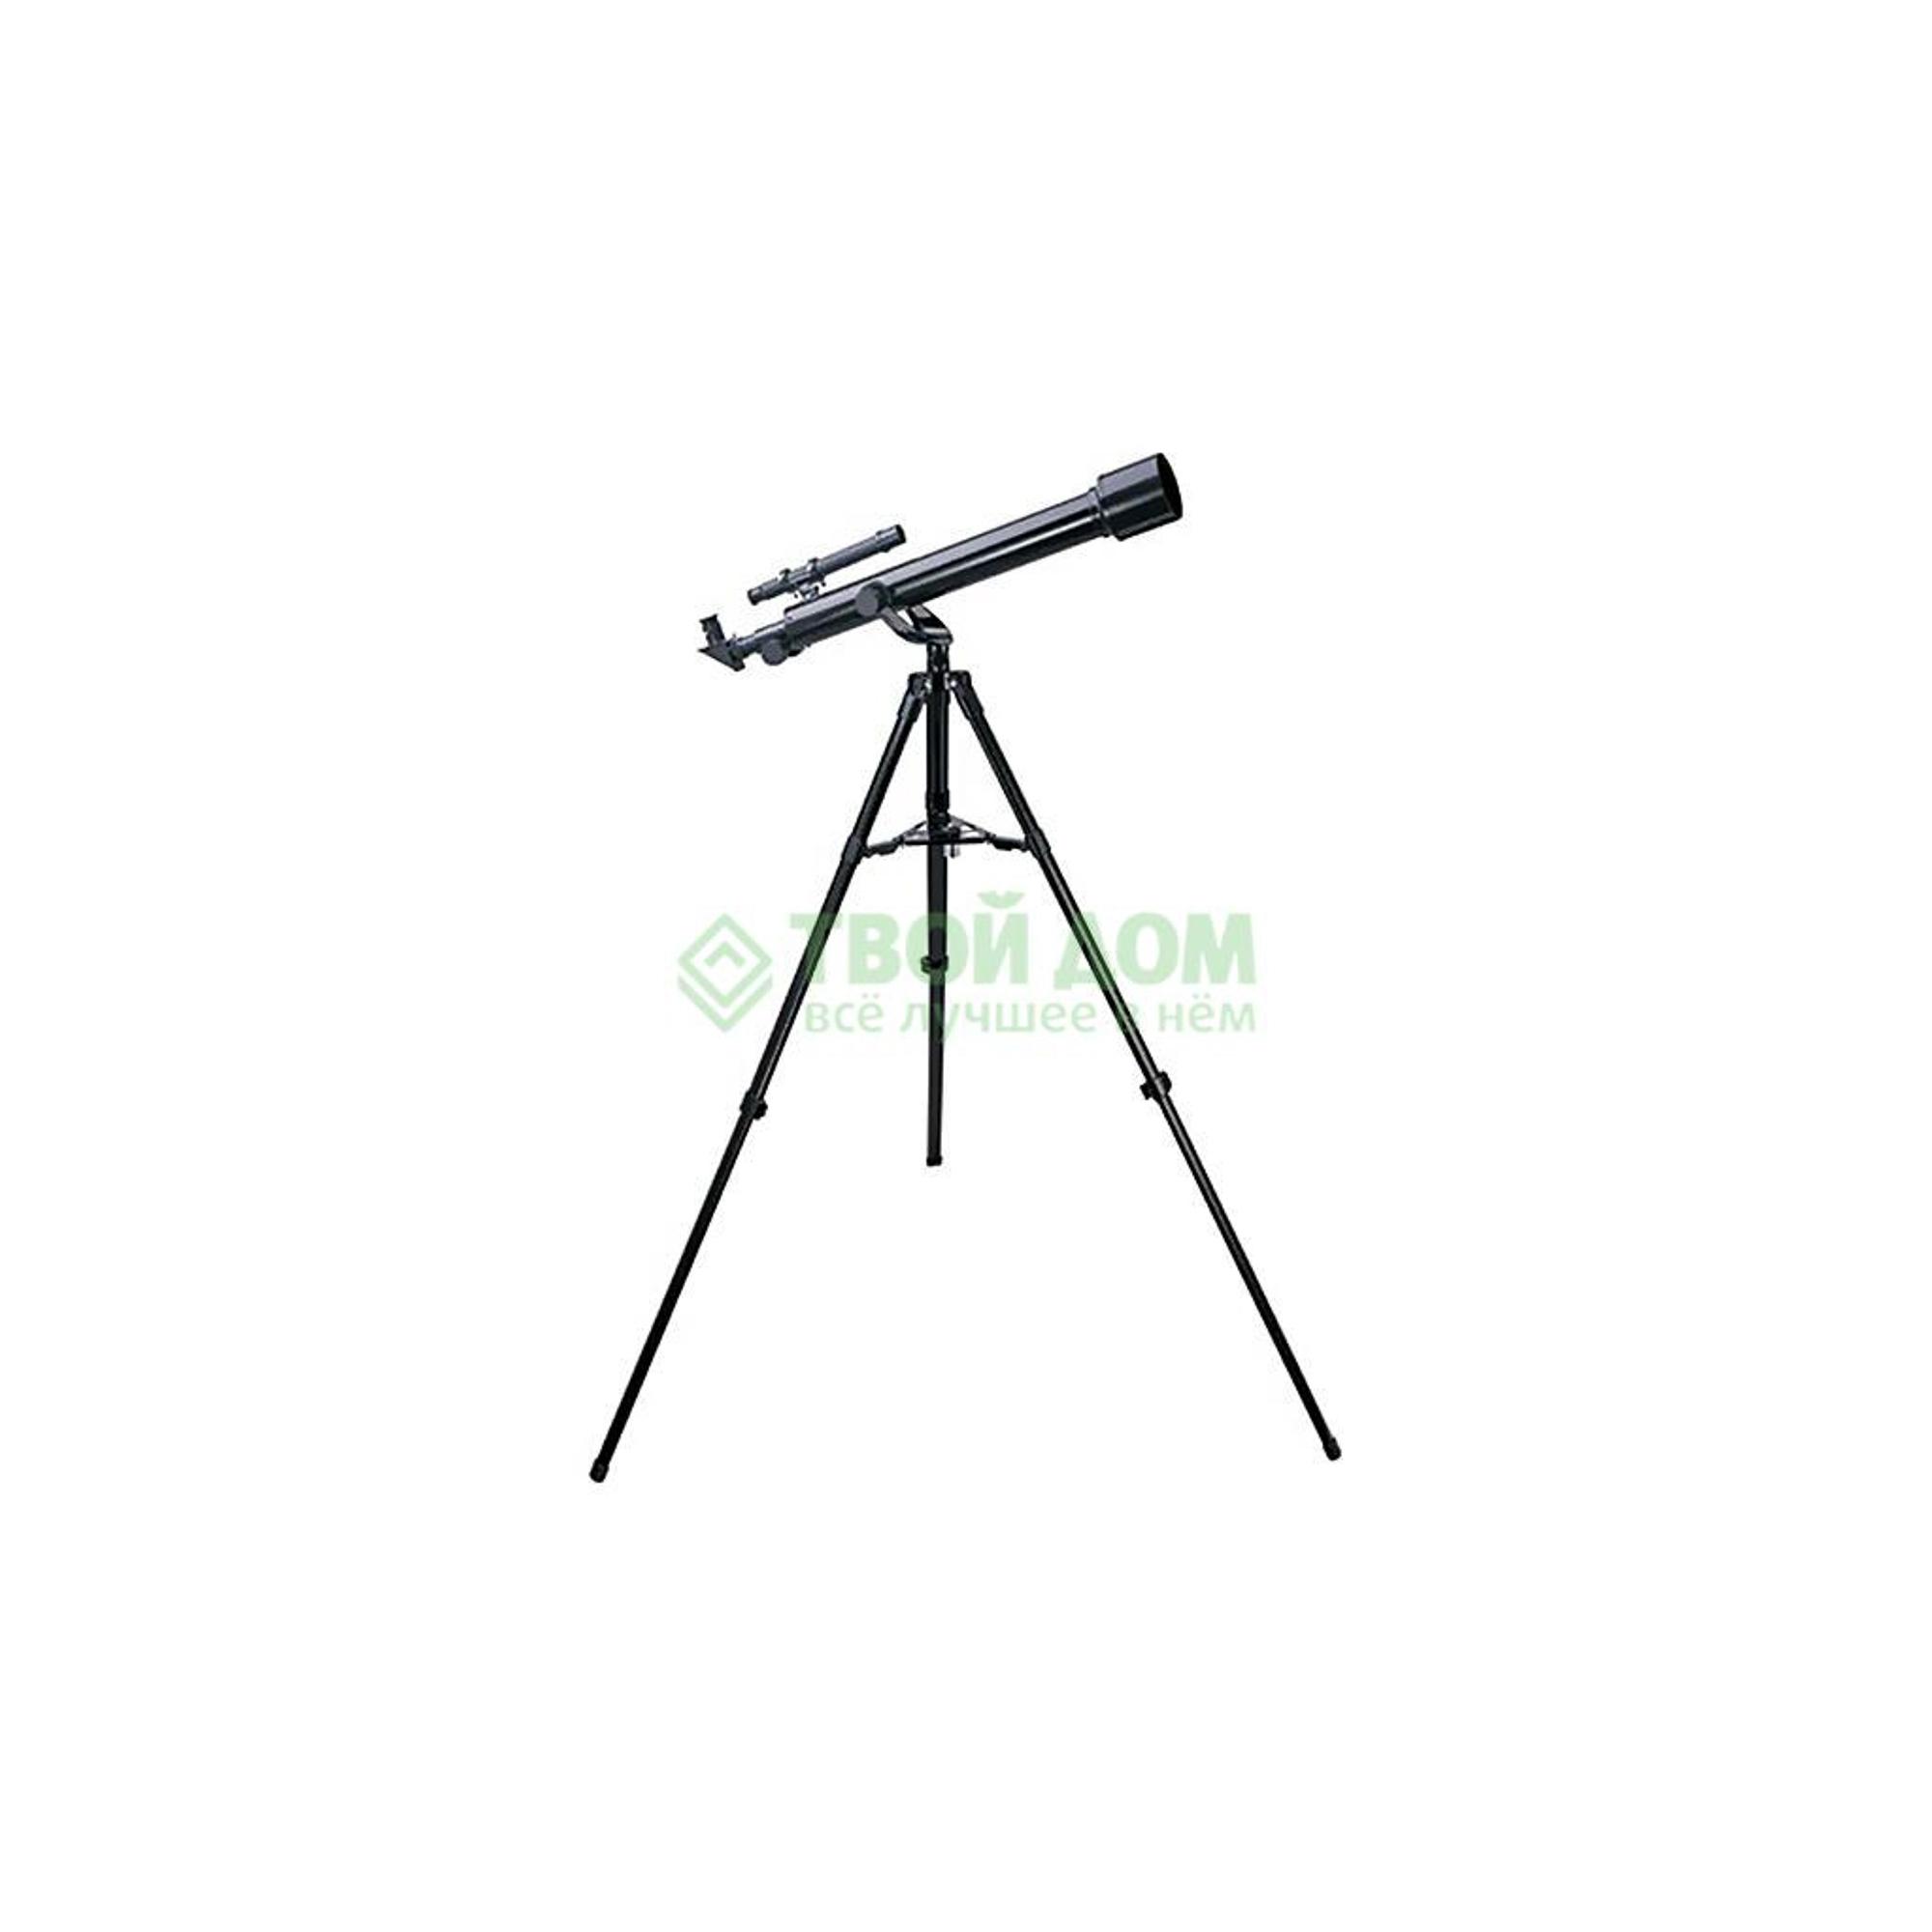 Игровой набор Edu toys Телескоп TS761.